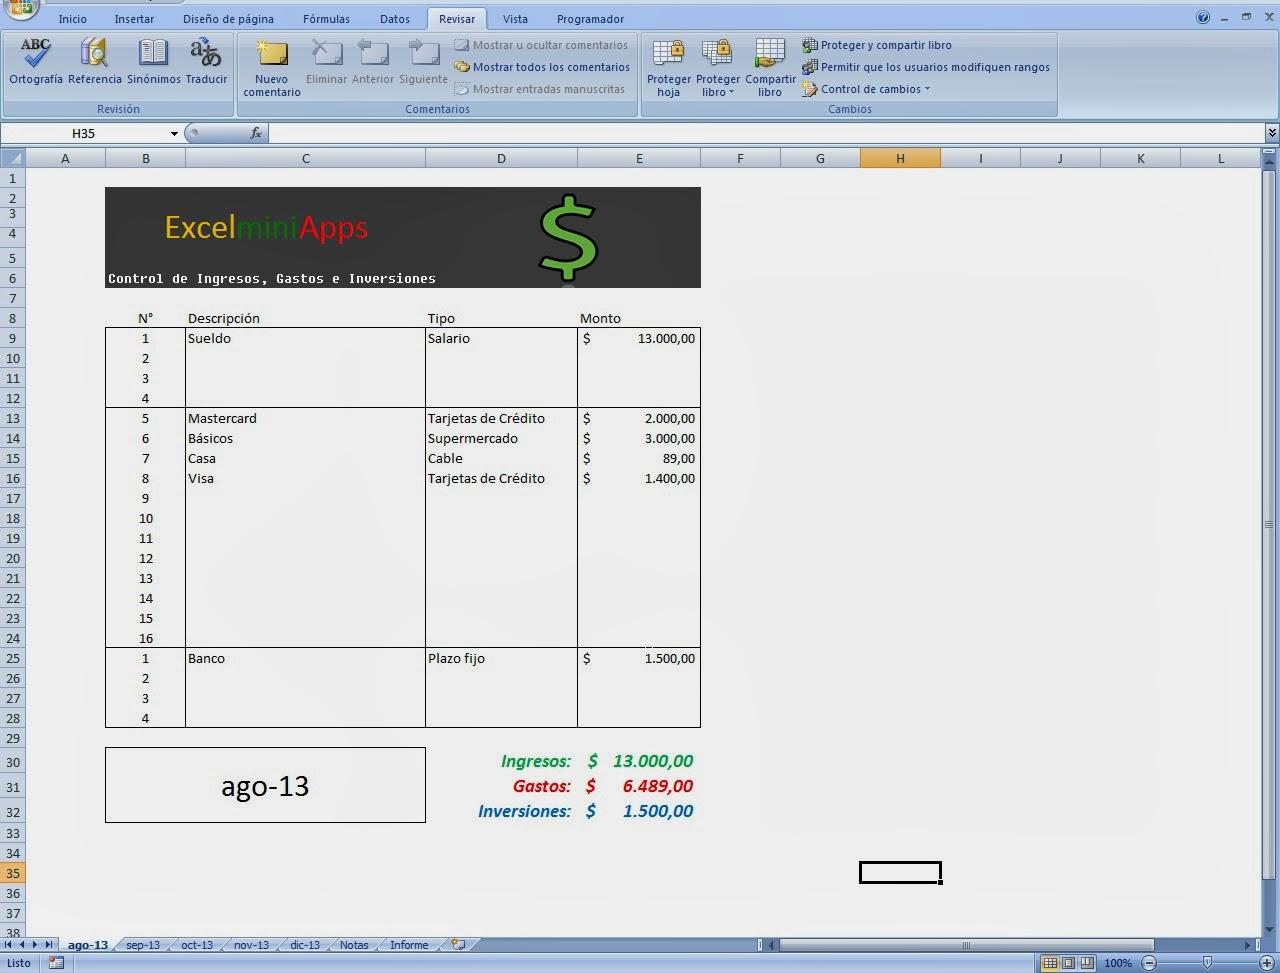 mini aplicaciones en Excel: Control de ingresos y egresos en Excel